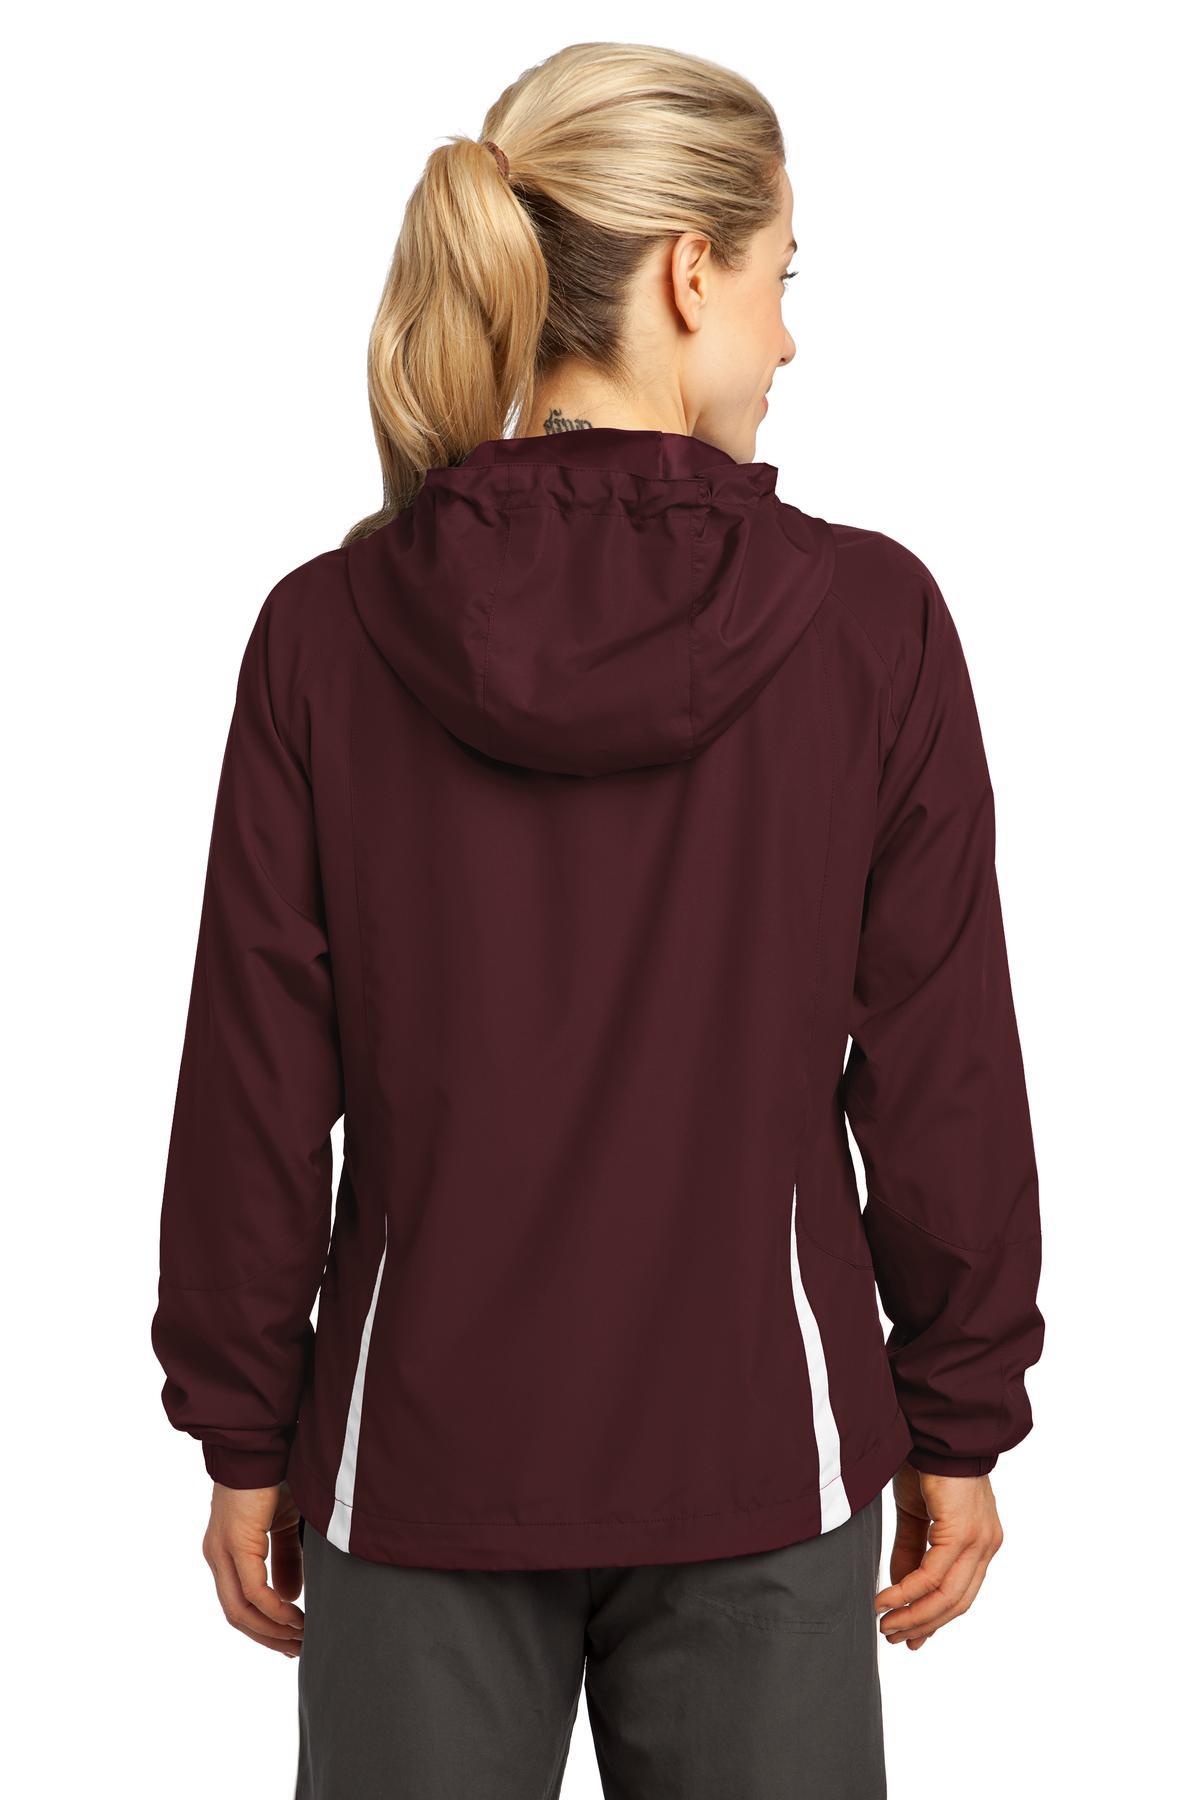 9884b476 Sport-Tek® Ladies Colorblock Hooded Raglan Jacket | Sport-Tek ...